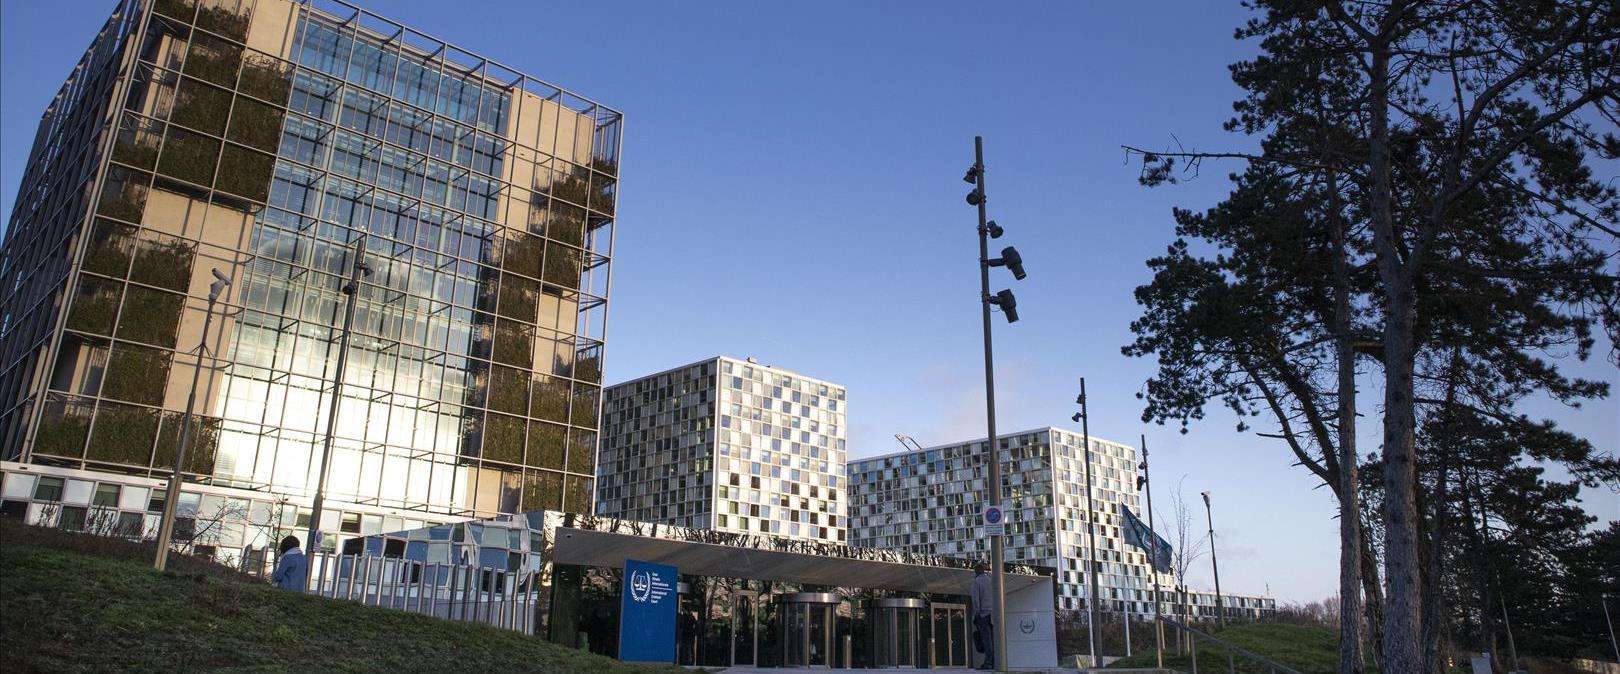 בית הדין הפלילי הבין-לאומי בהאג